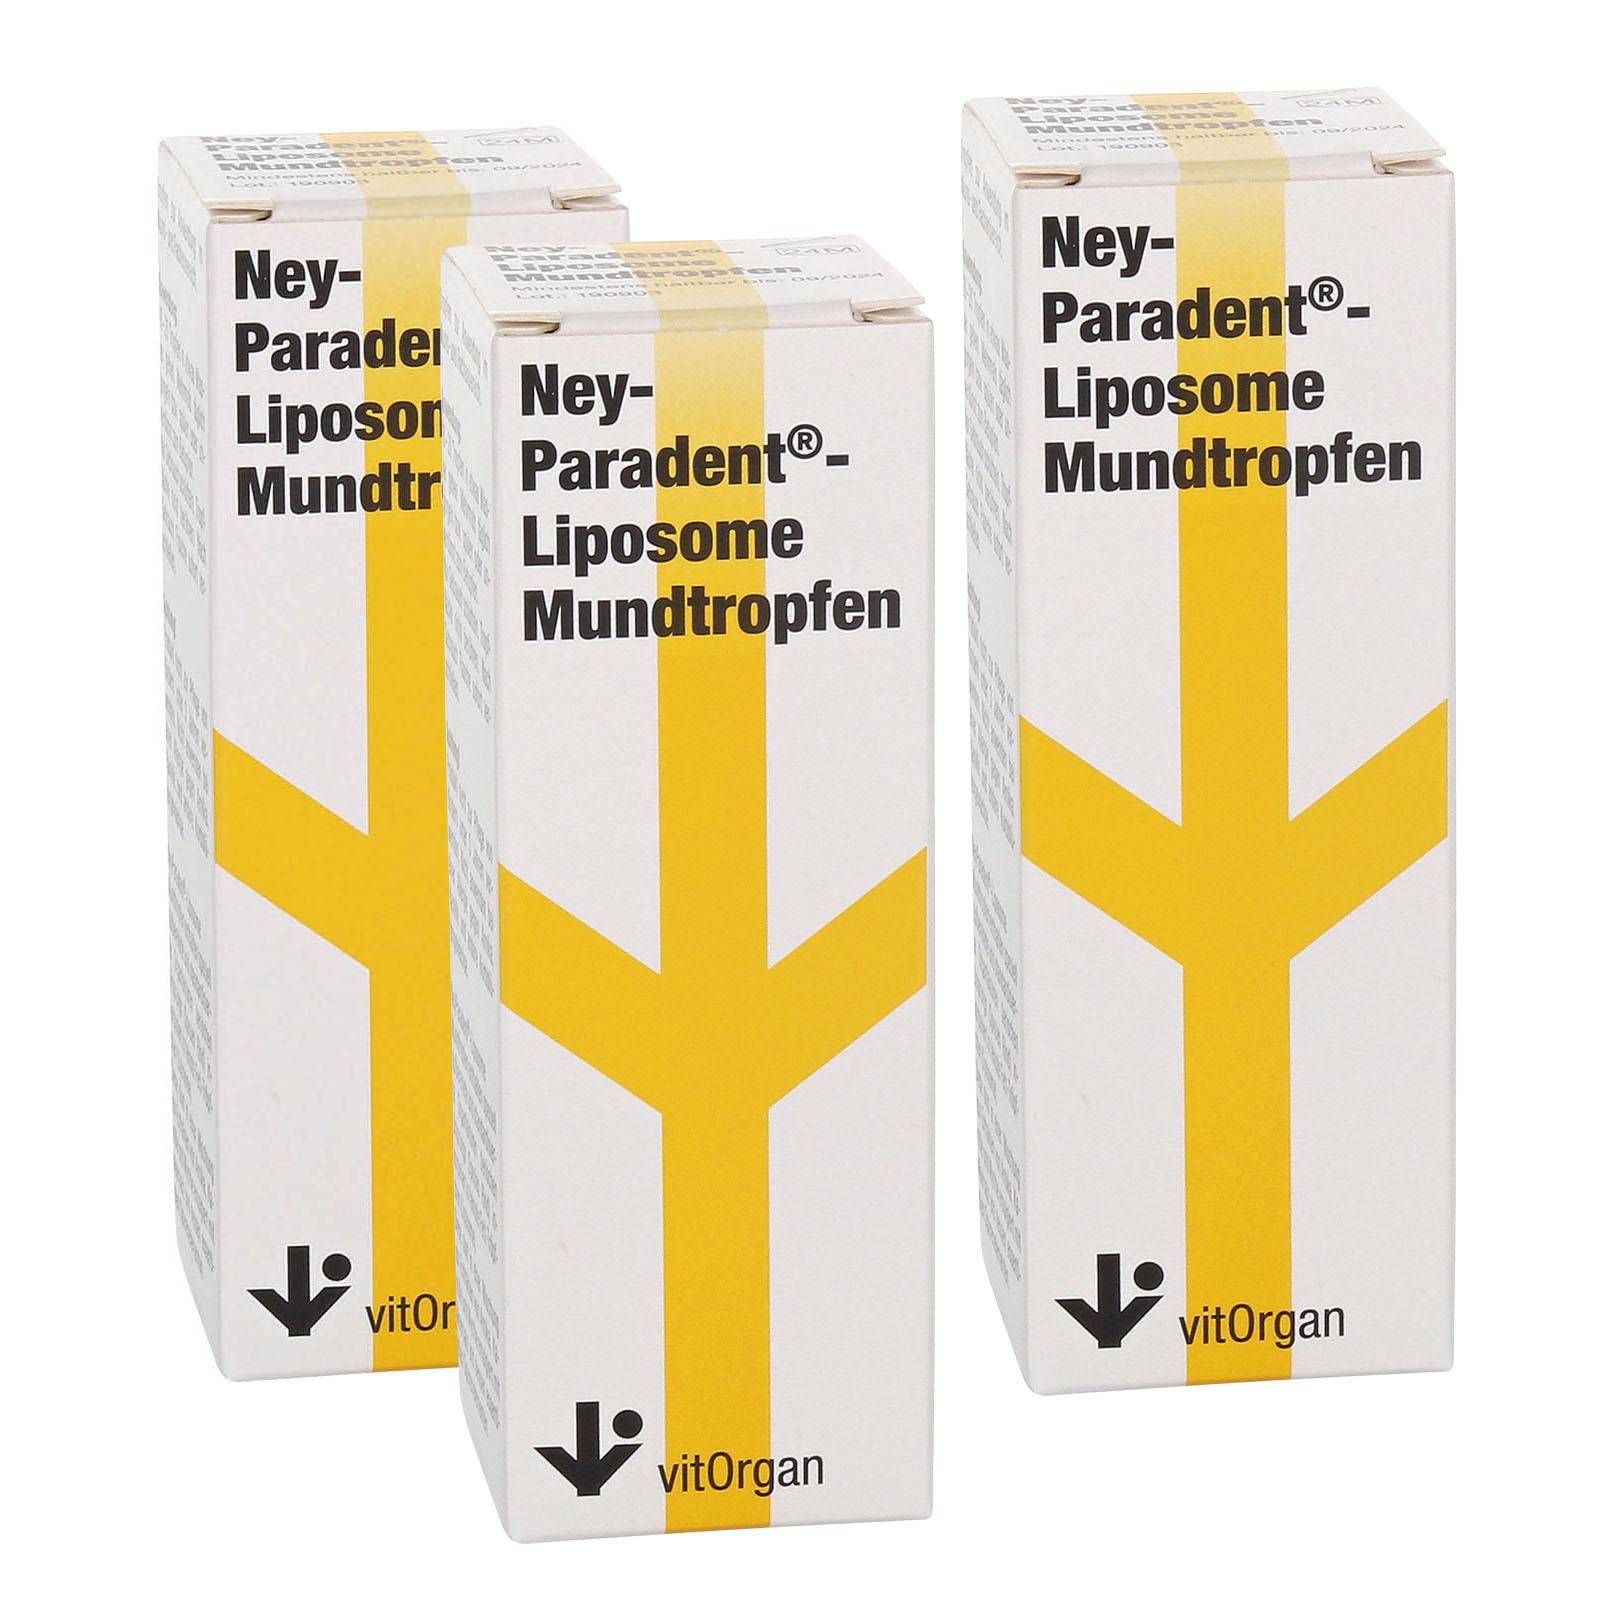 NeyParadent®-Liposome Mundtropfen (45ml)